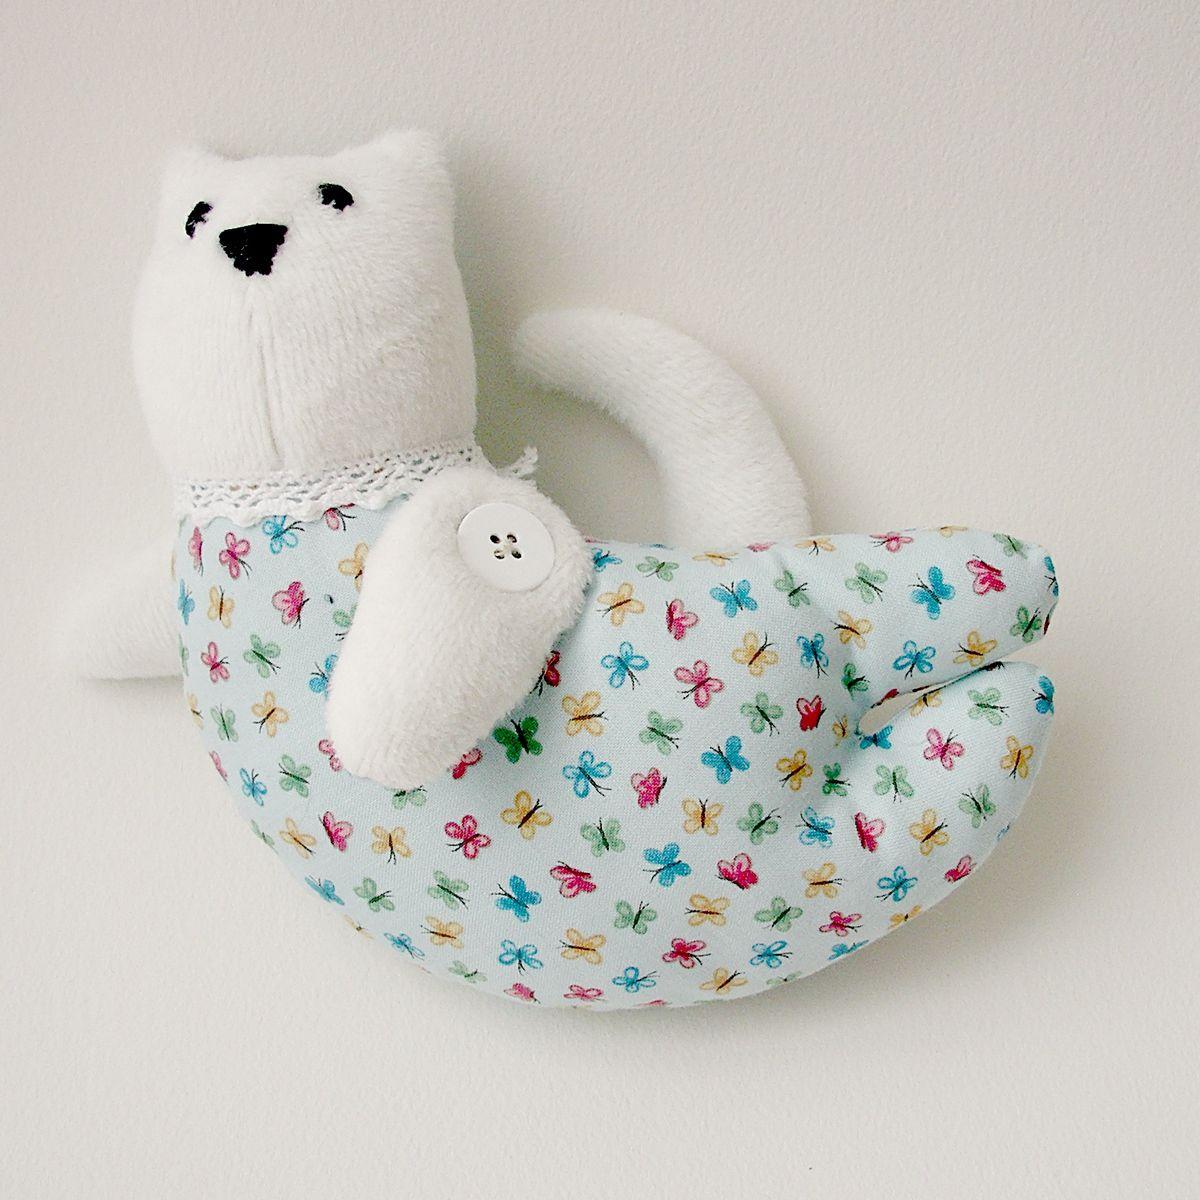 хлопок котик игрущка игрушка для тильда ручной работы детей подарок